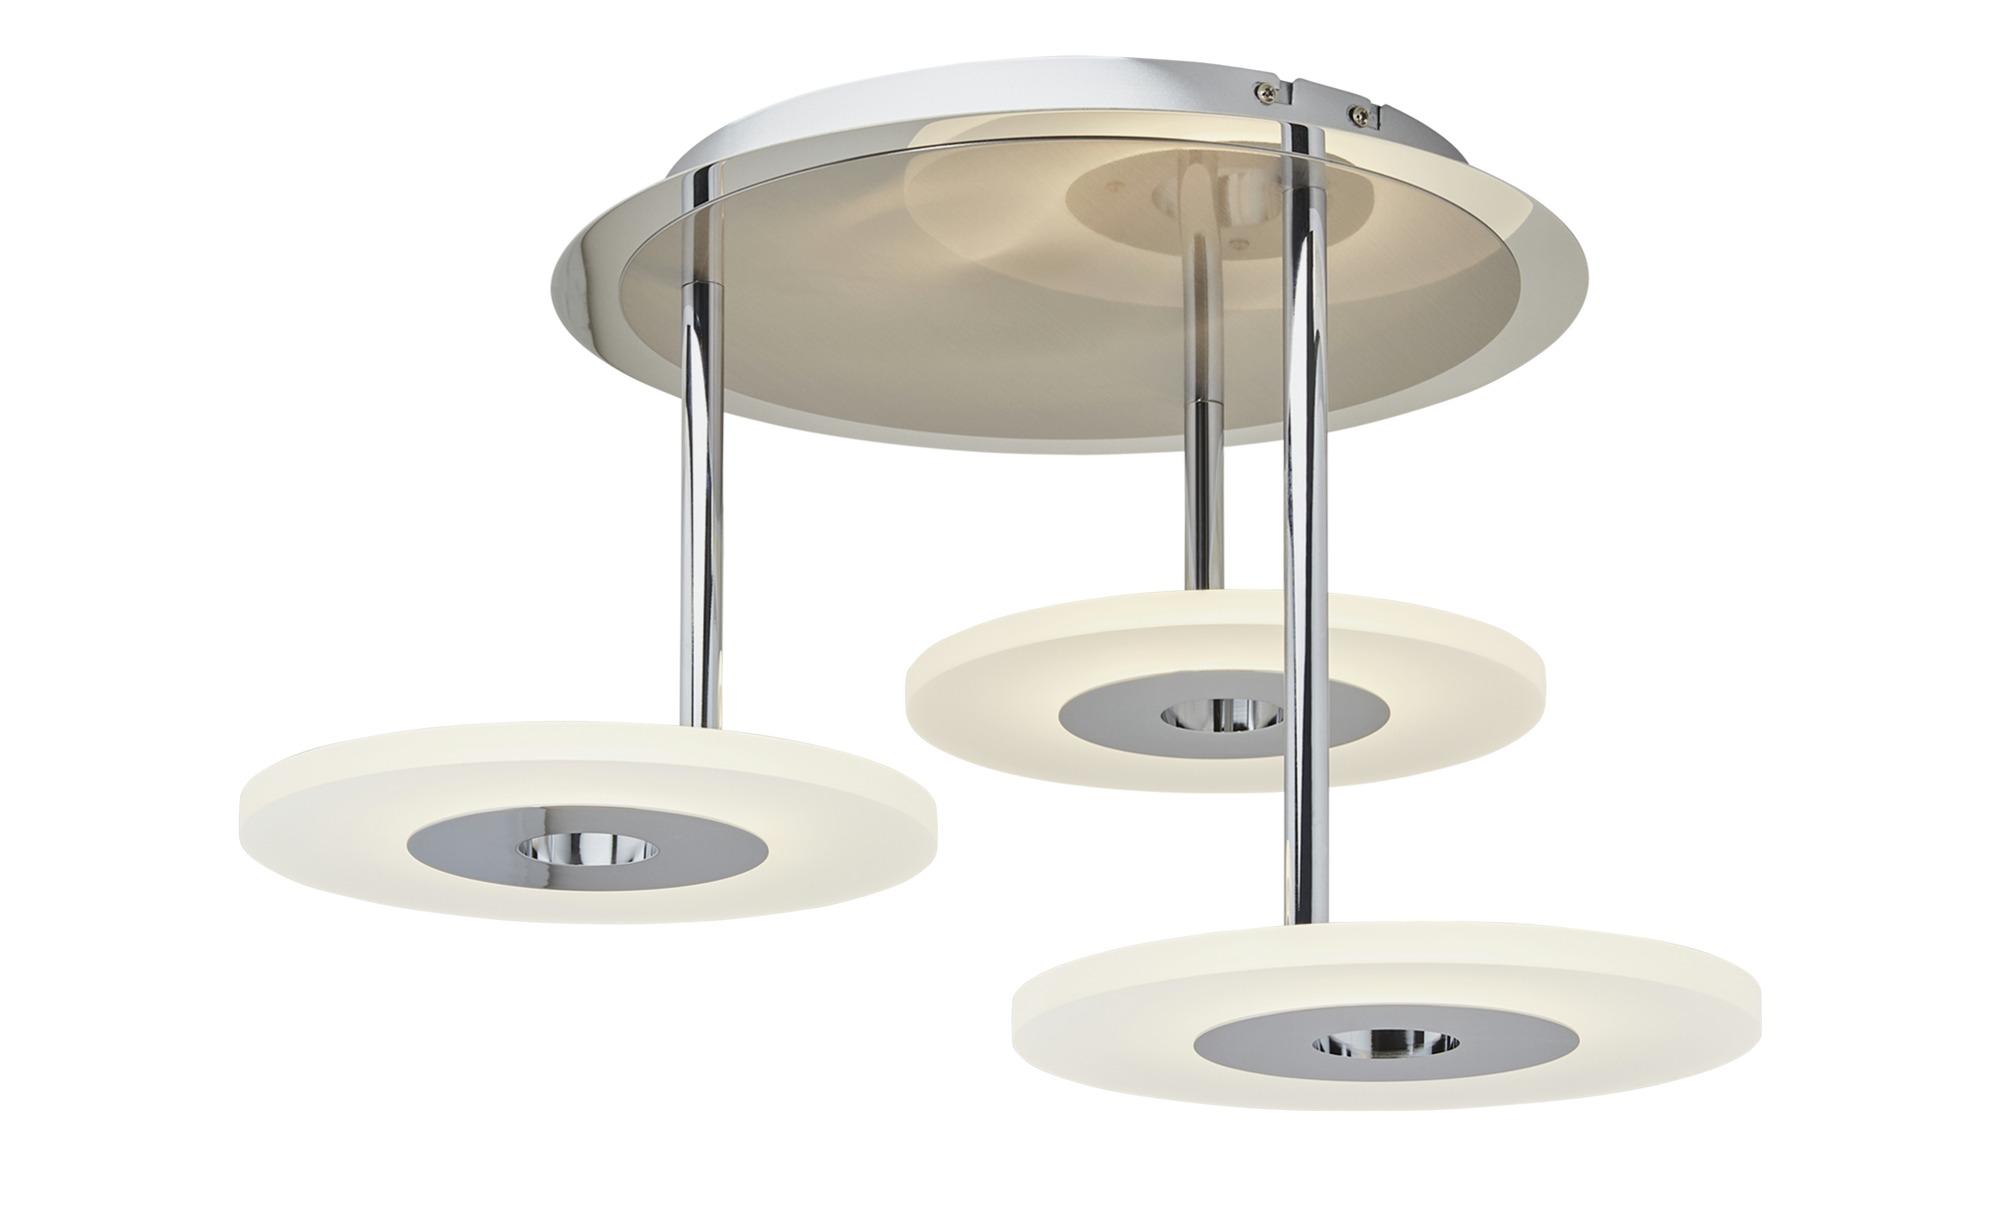 Paul Neuhaus LED-Deckenleuchte, Acrylringe ¦ silber ¦ Maße (cm): H: 35,5 Ø: [60.0] Lampen & Leuchten > Innenleuchten > Deckenleuchten - Höffner